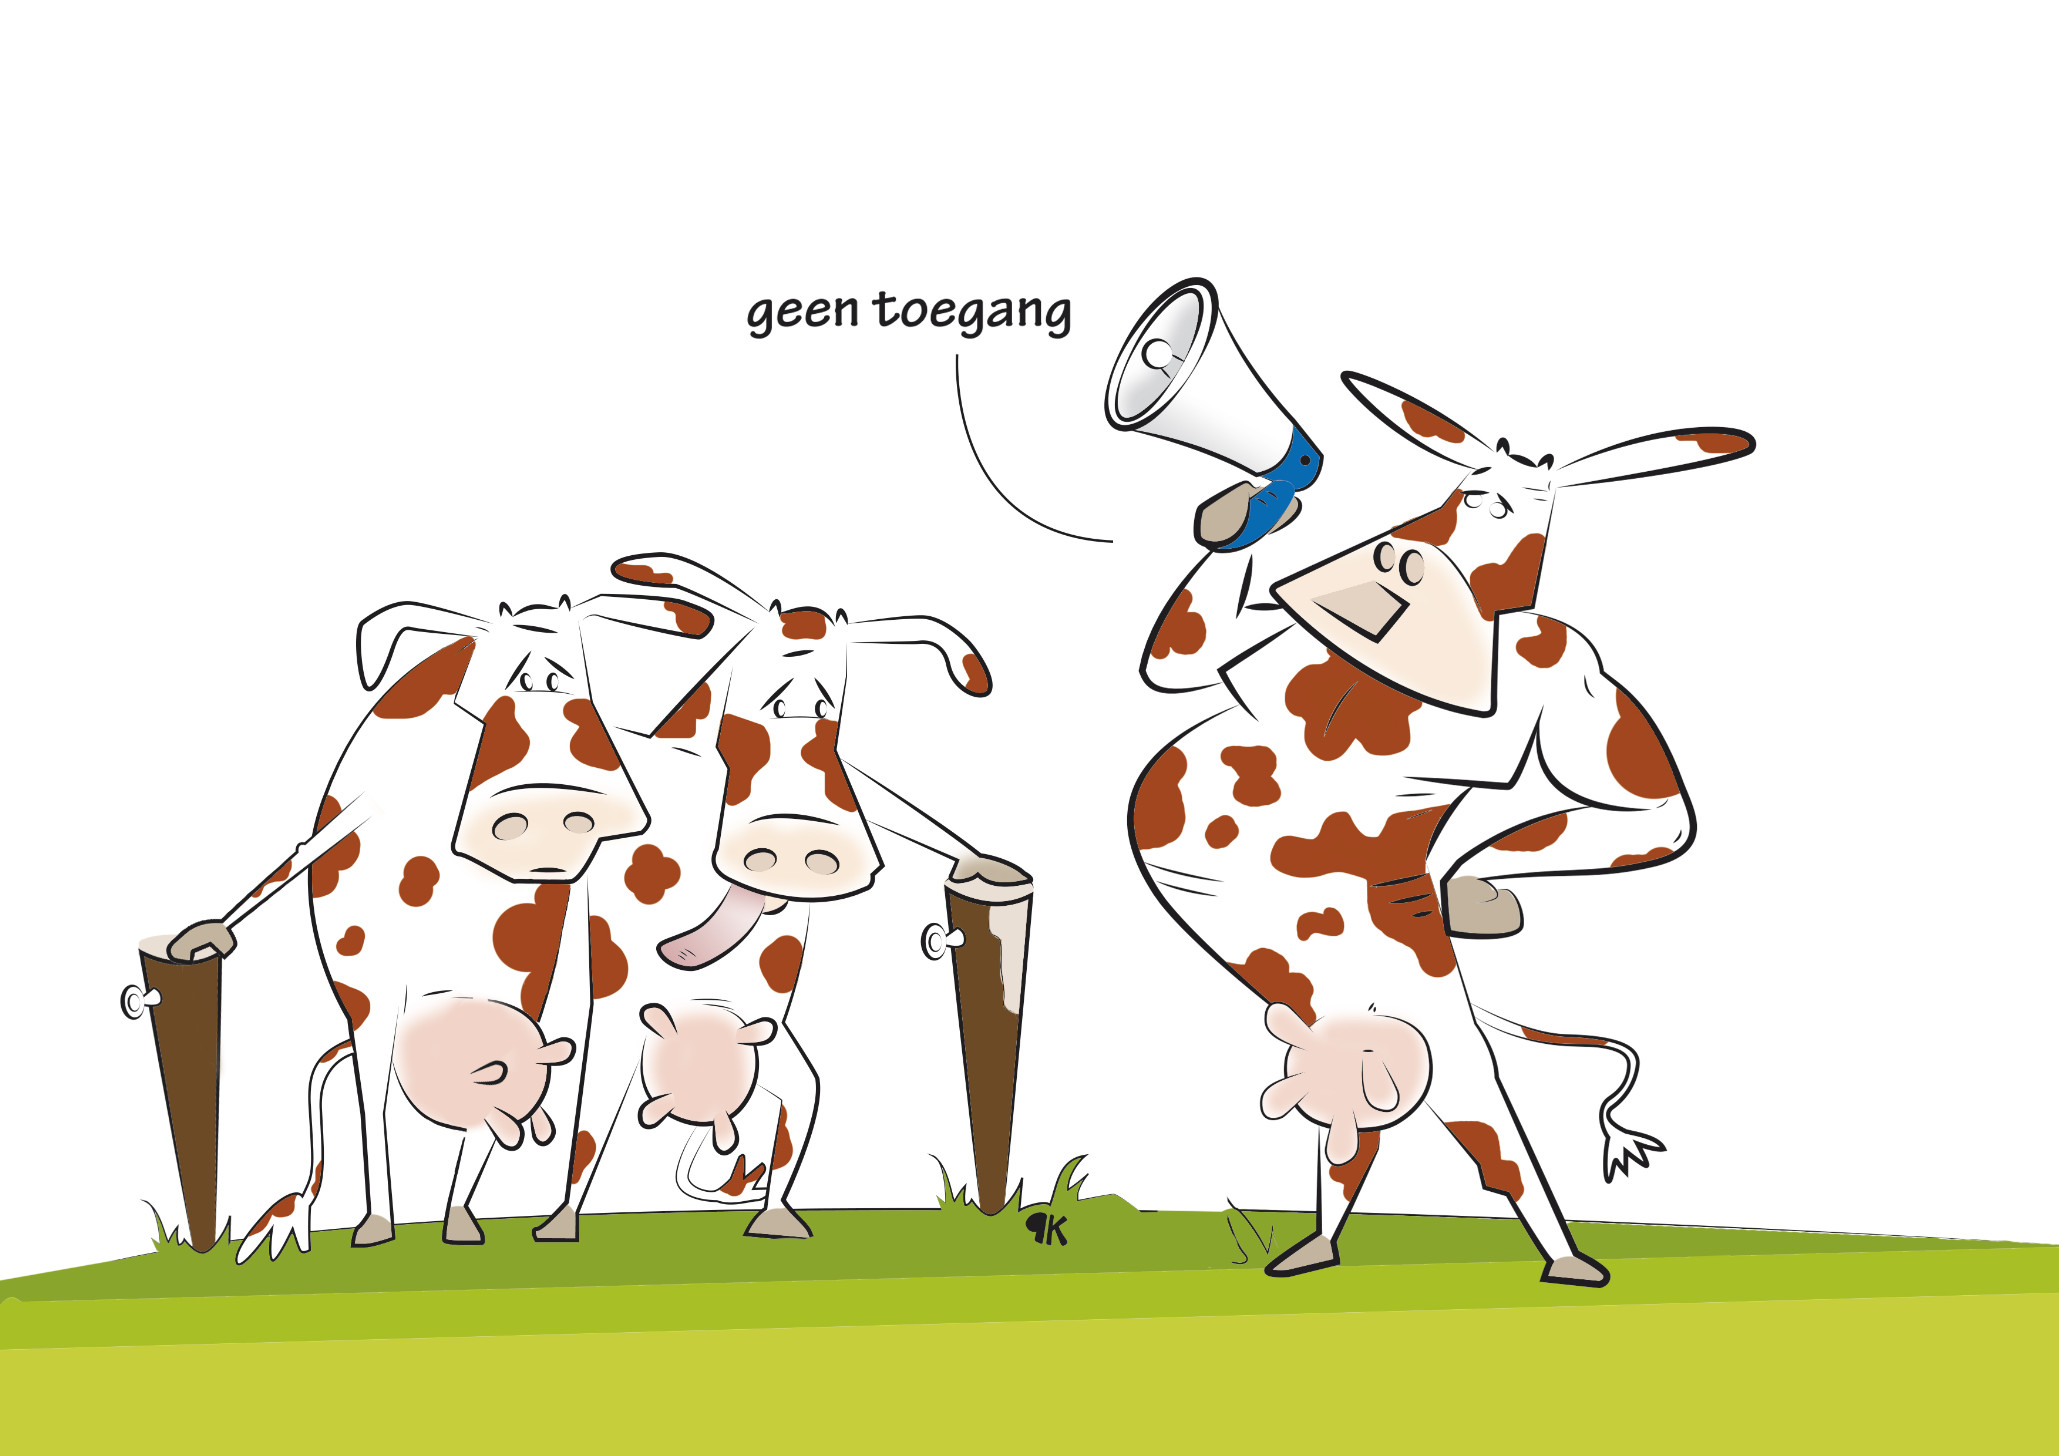 'Jagers verantwoordelijk voor agriterreur'